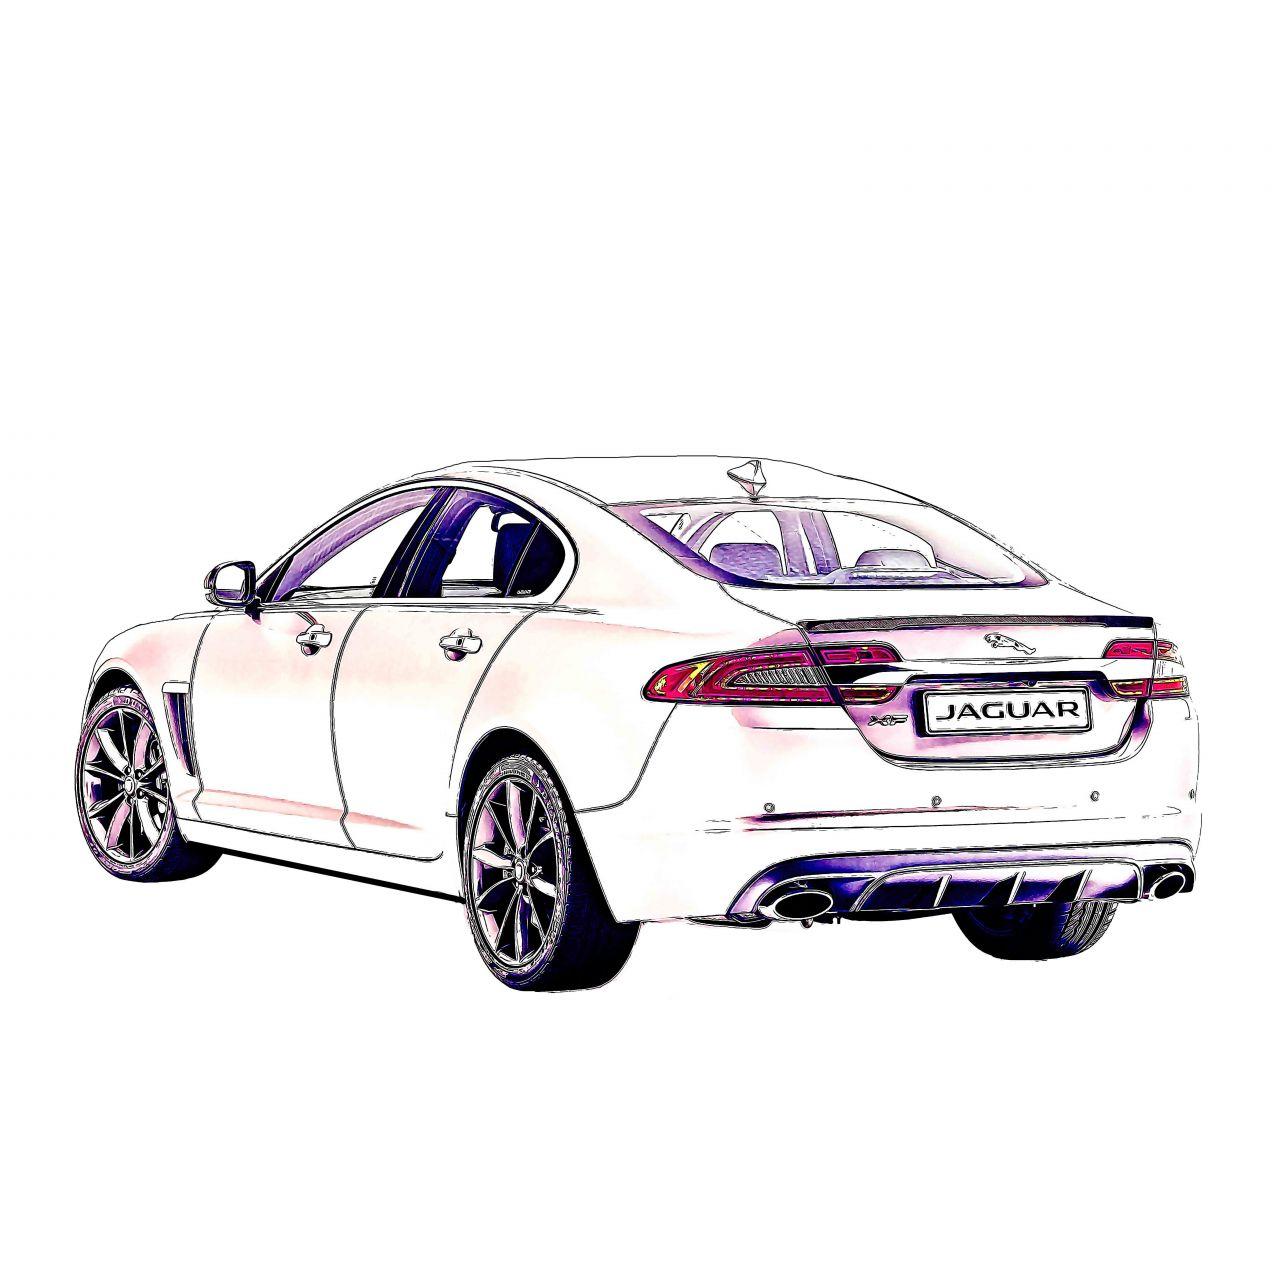 1280x1280 Jaguar Xf